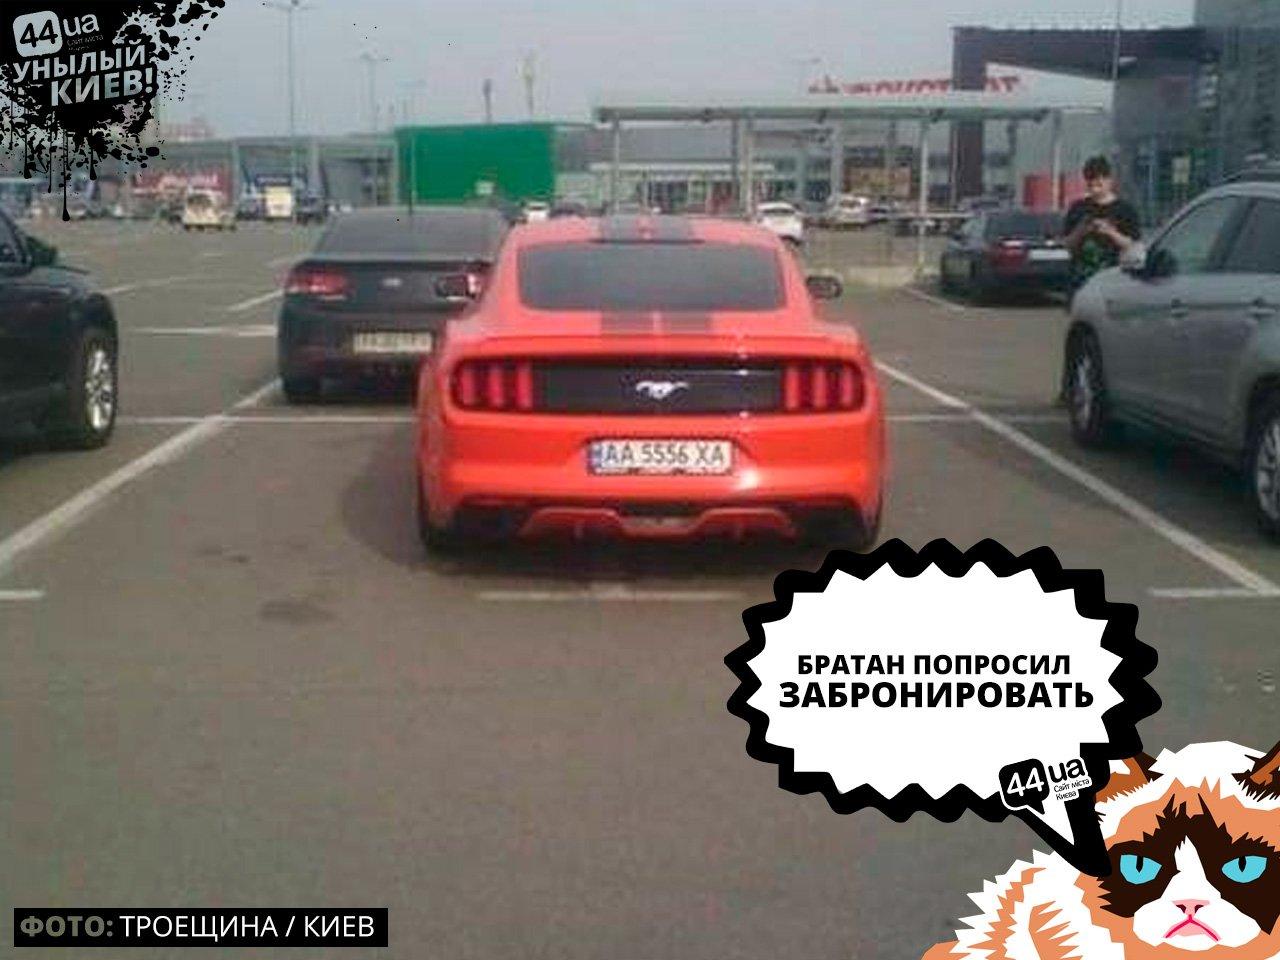 Унылый Киев: ТОП-7 героев парковки, живущих в столице, фото-1